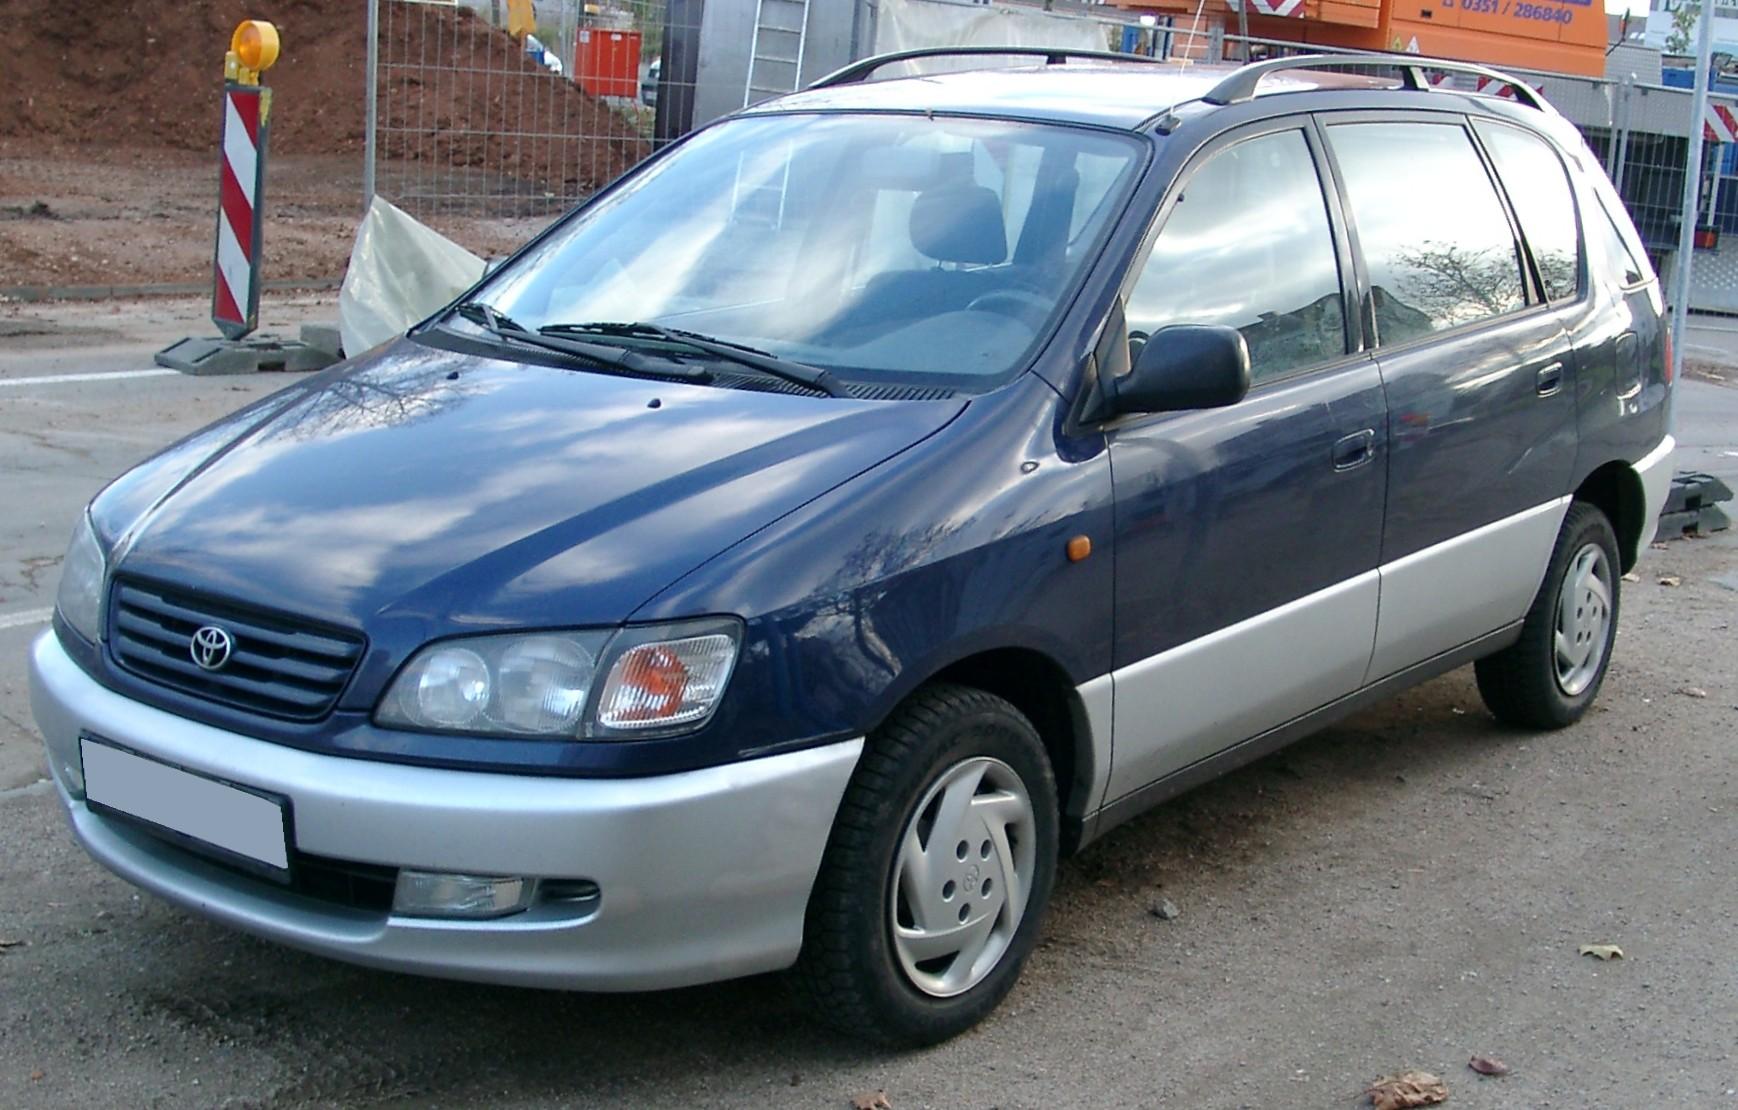 Toyota Picnic I 1996 - 2001 Compact MPV #4